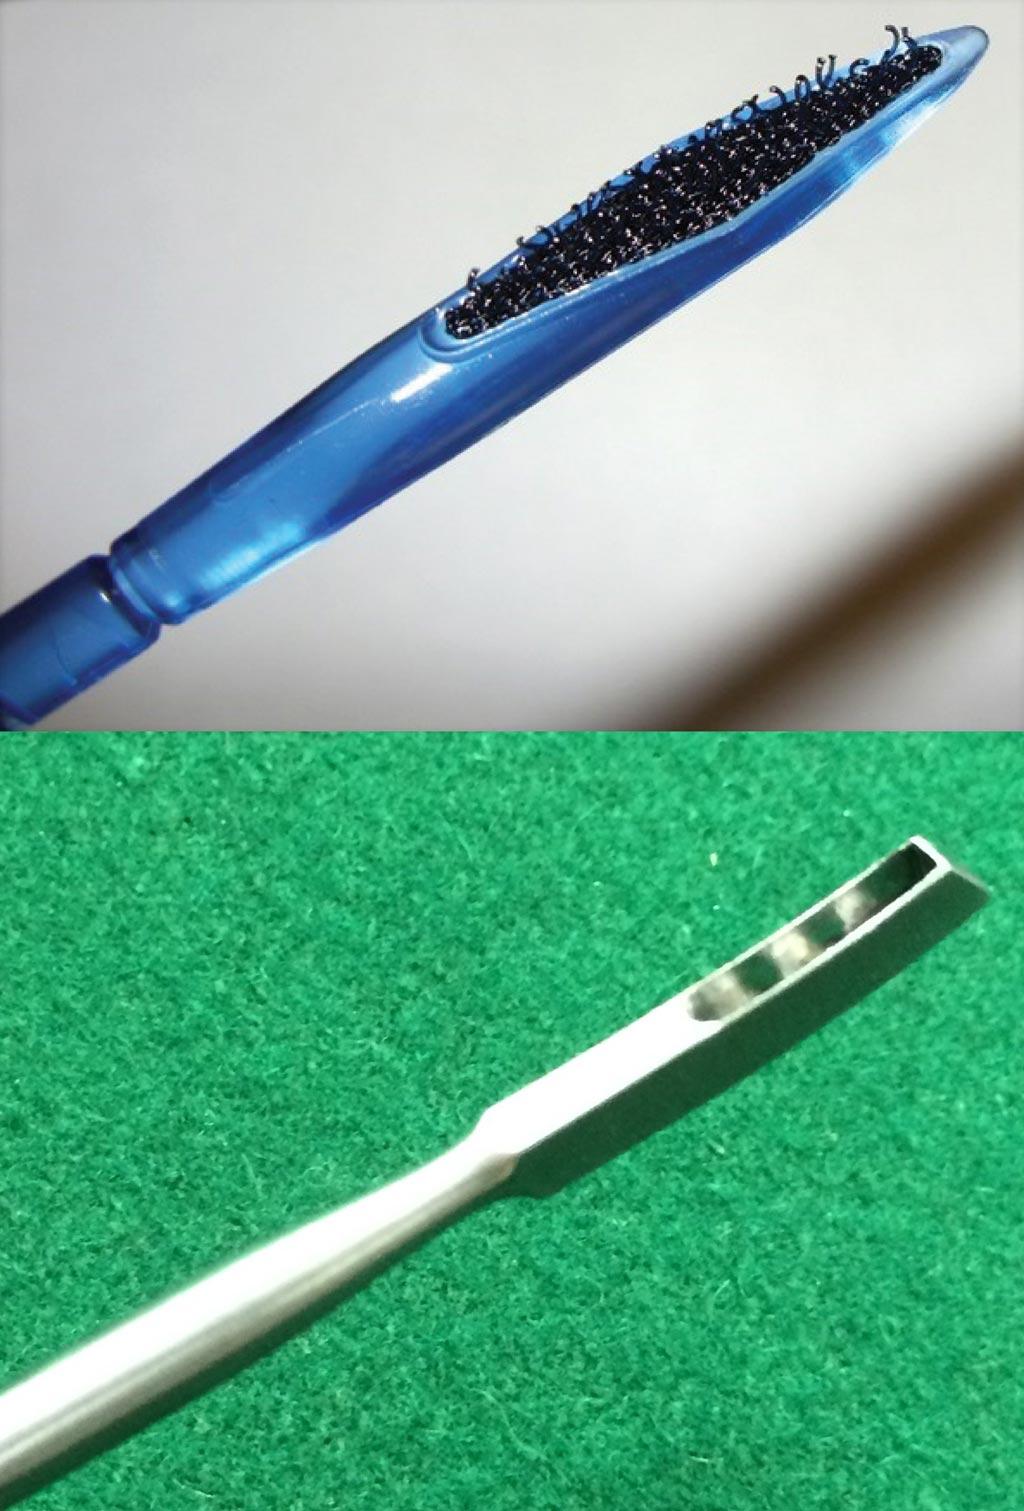 Imagen: El nuevo dispositivo tipo velcro, hecho en tela (arriba) y el raspador de metal estándar usado actualmente (parte inferior) (Fotografía cortesía de J. Diedrich, UC Riverside).